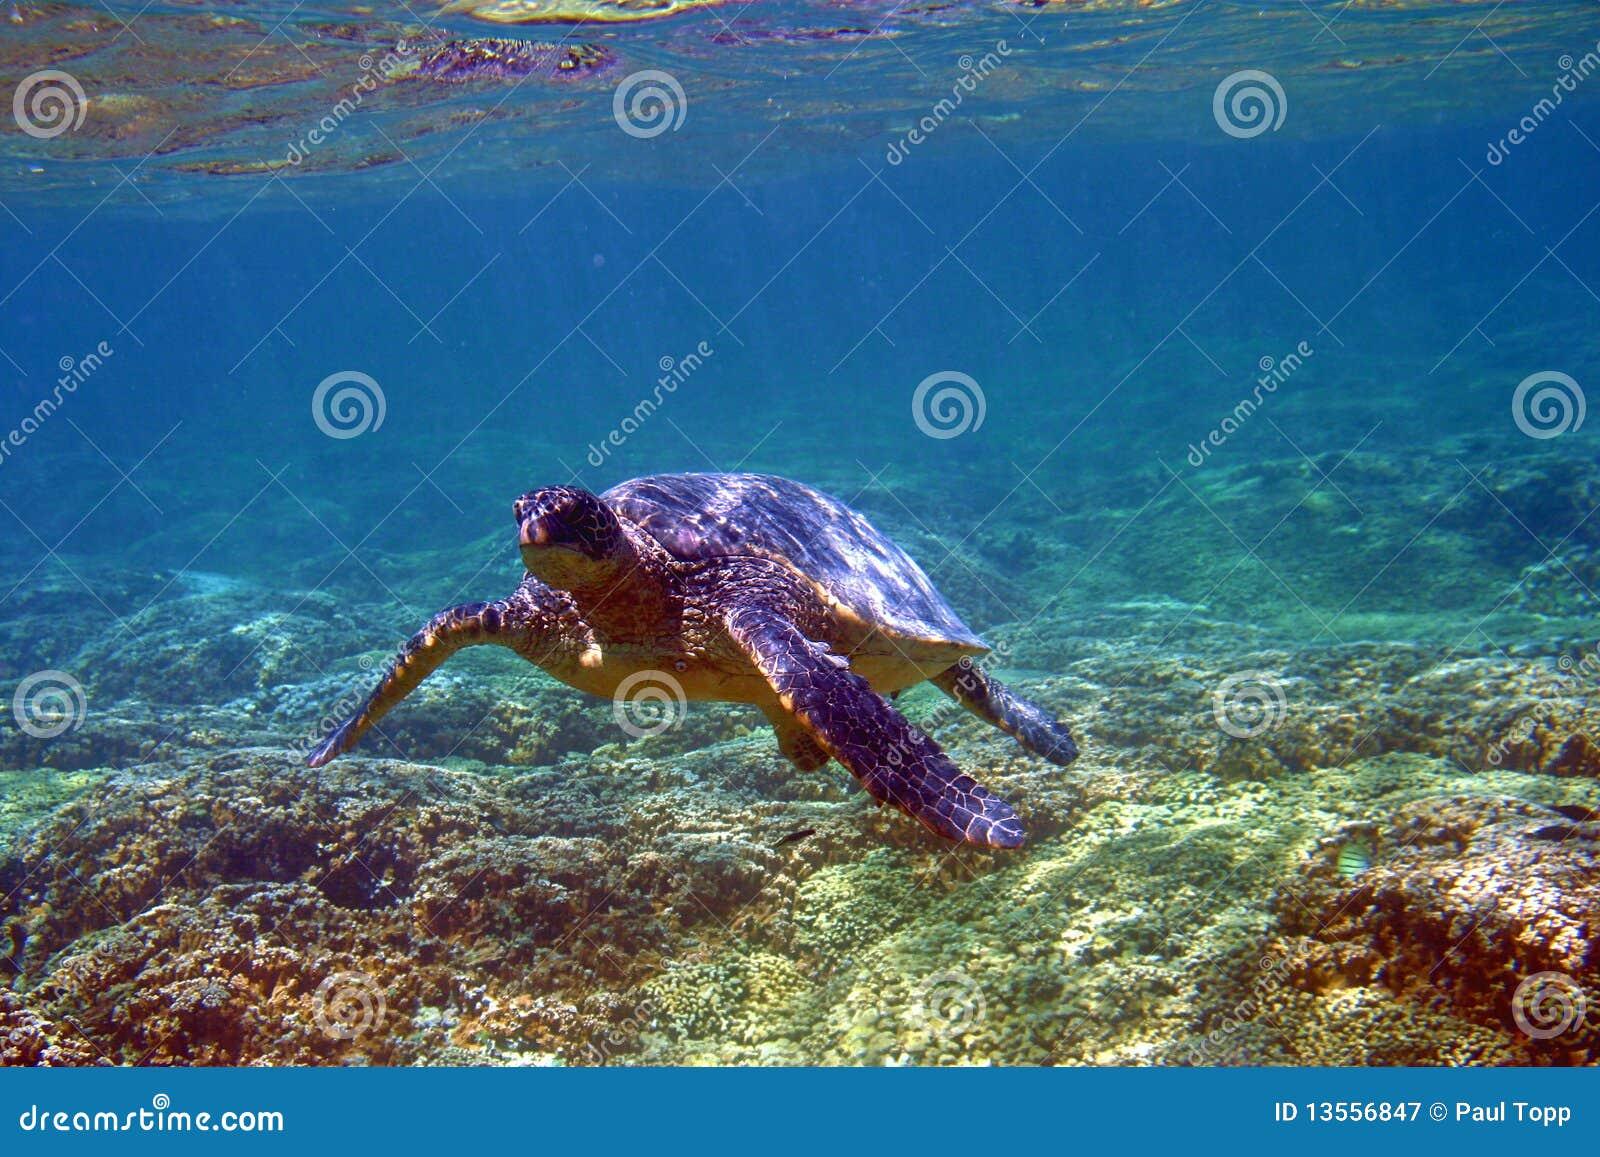 Underwater Sea Turtle in Hawaii